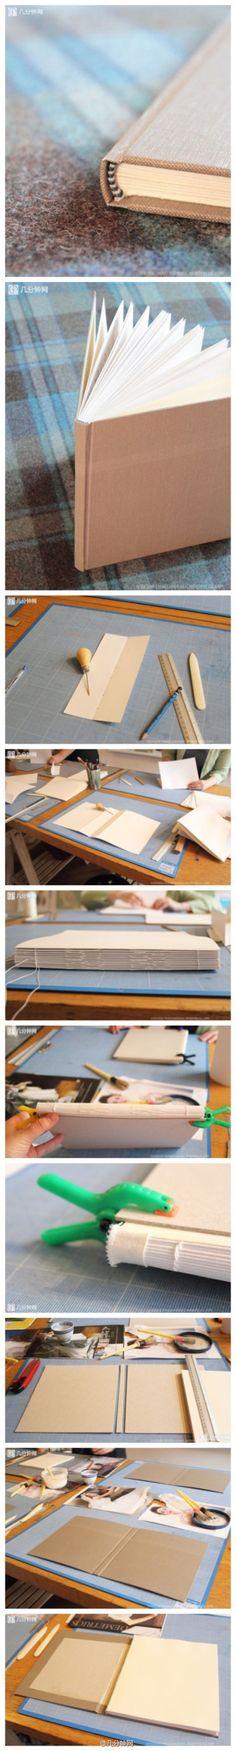 Bookbinding tutorial by nic heart Handmade Notebook, Diy Notebook, Handmade Books, Faire Un Album Photo, Book Crafts, Paper Crafts, Bookbinding Tutorial, Book Journal, Journals